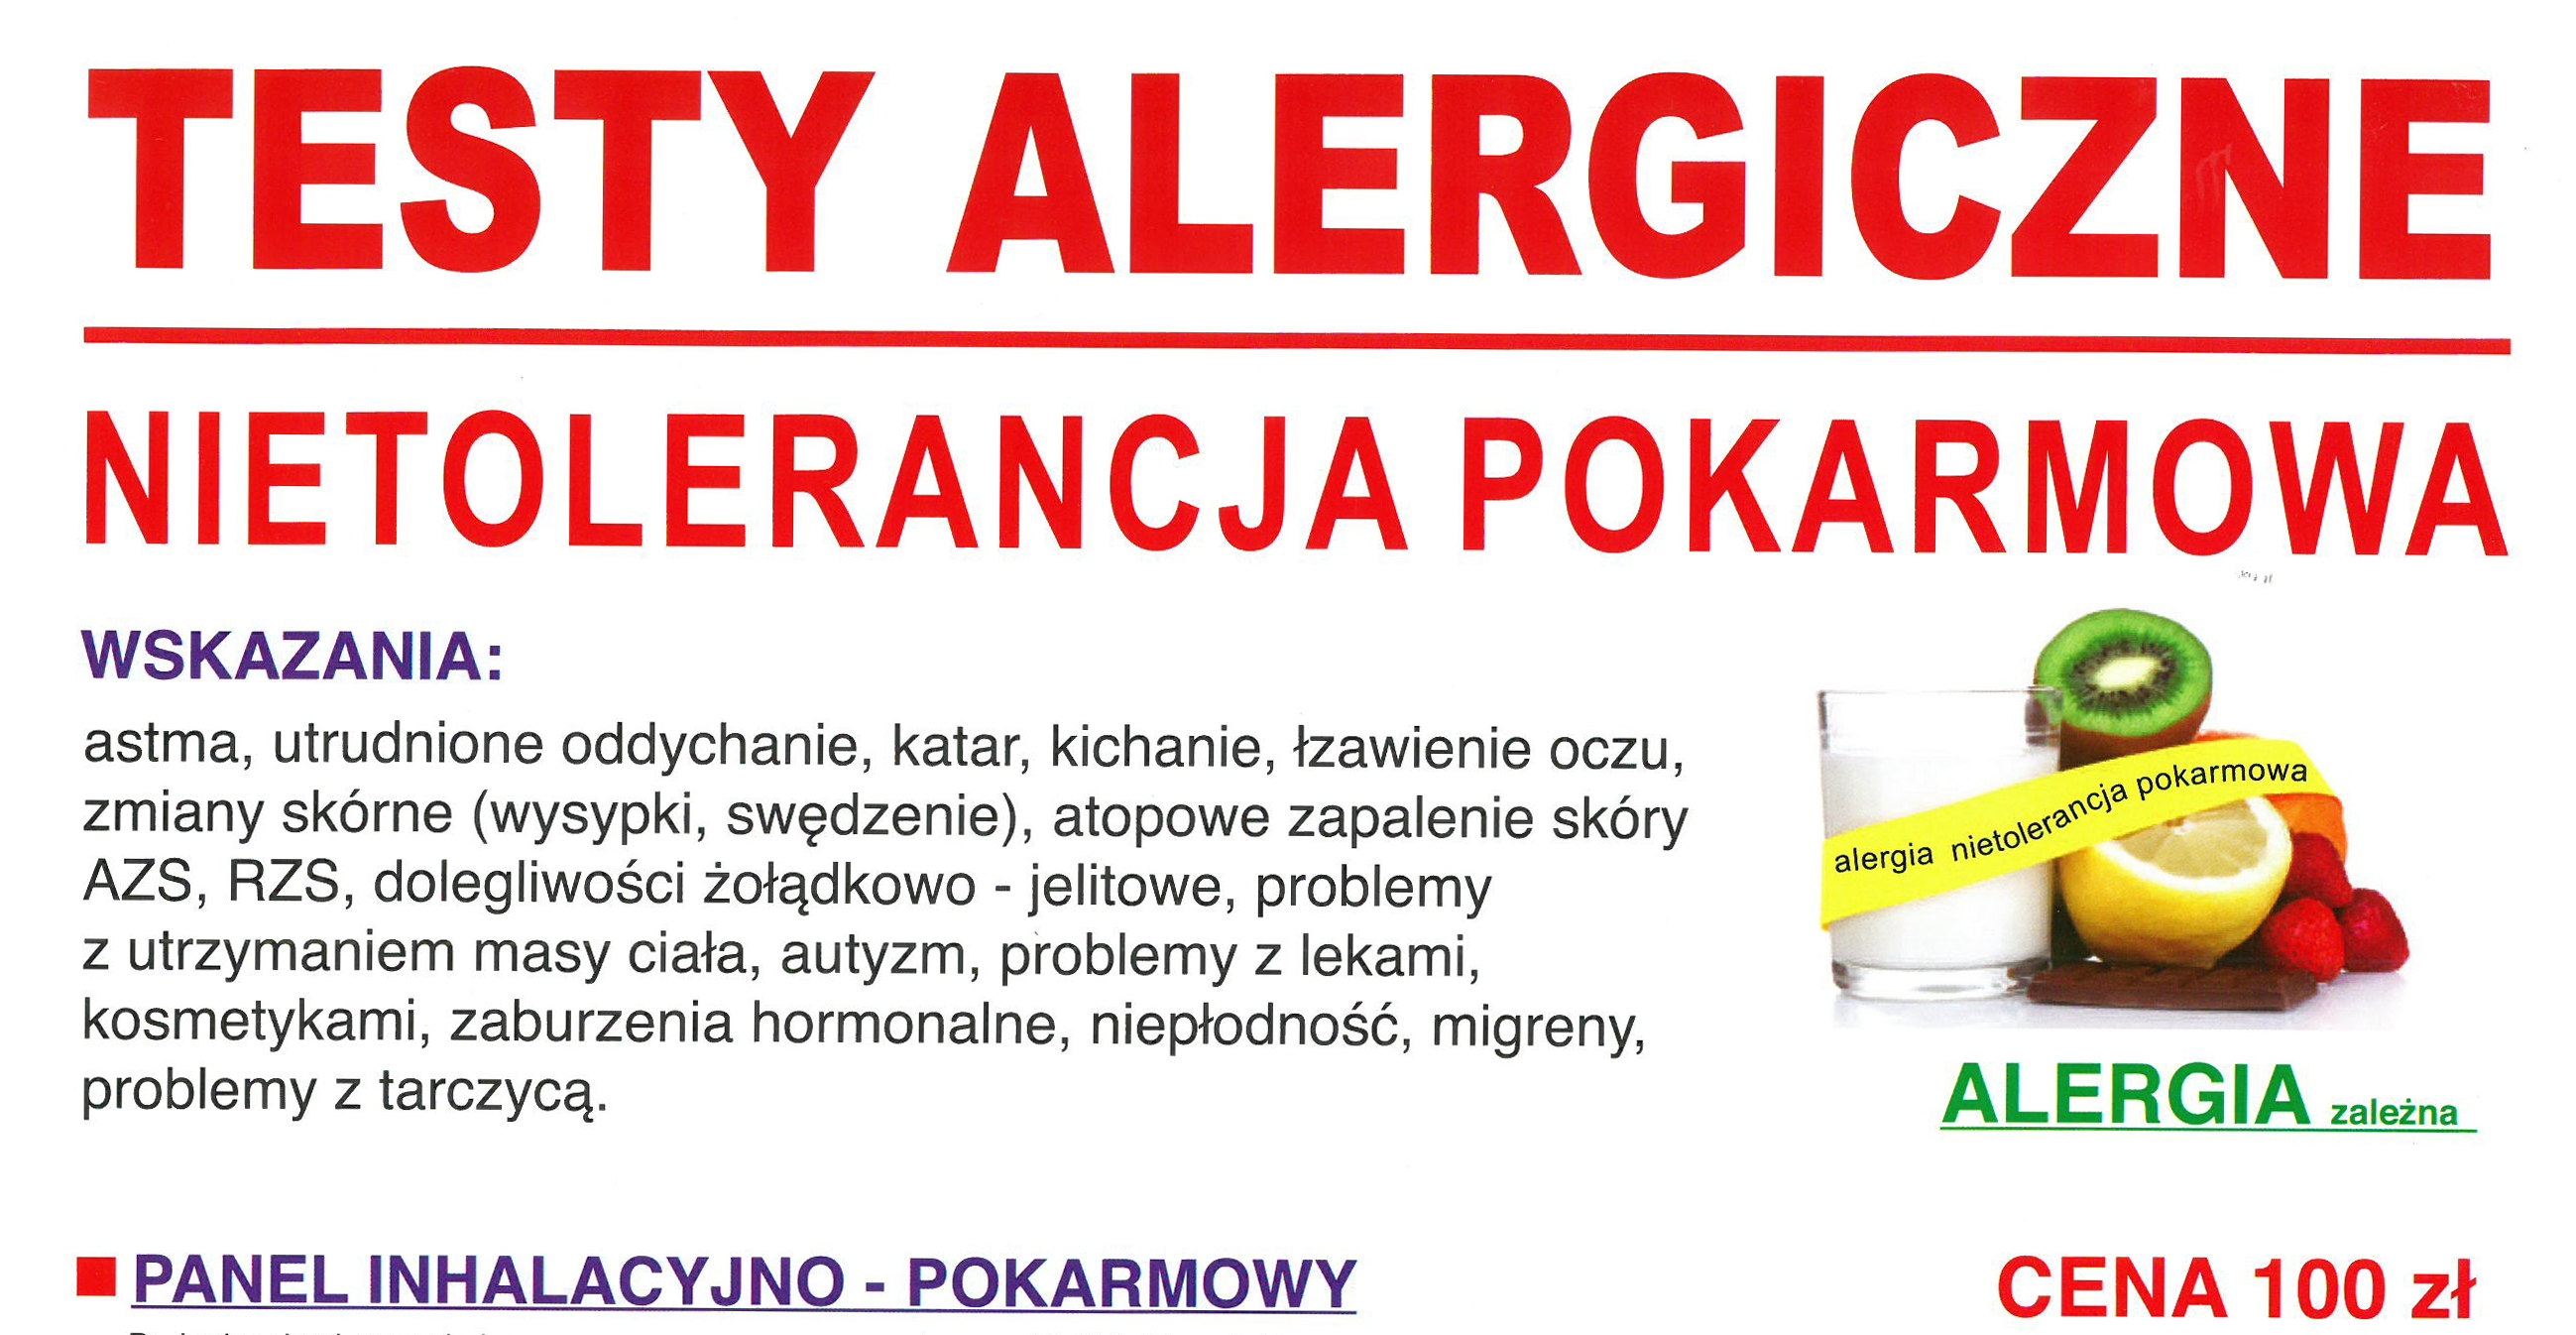 Testy alergiczne – badania